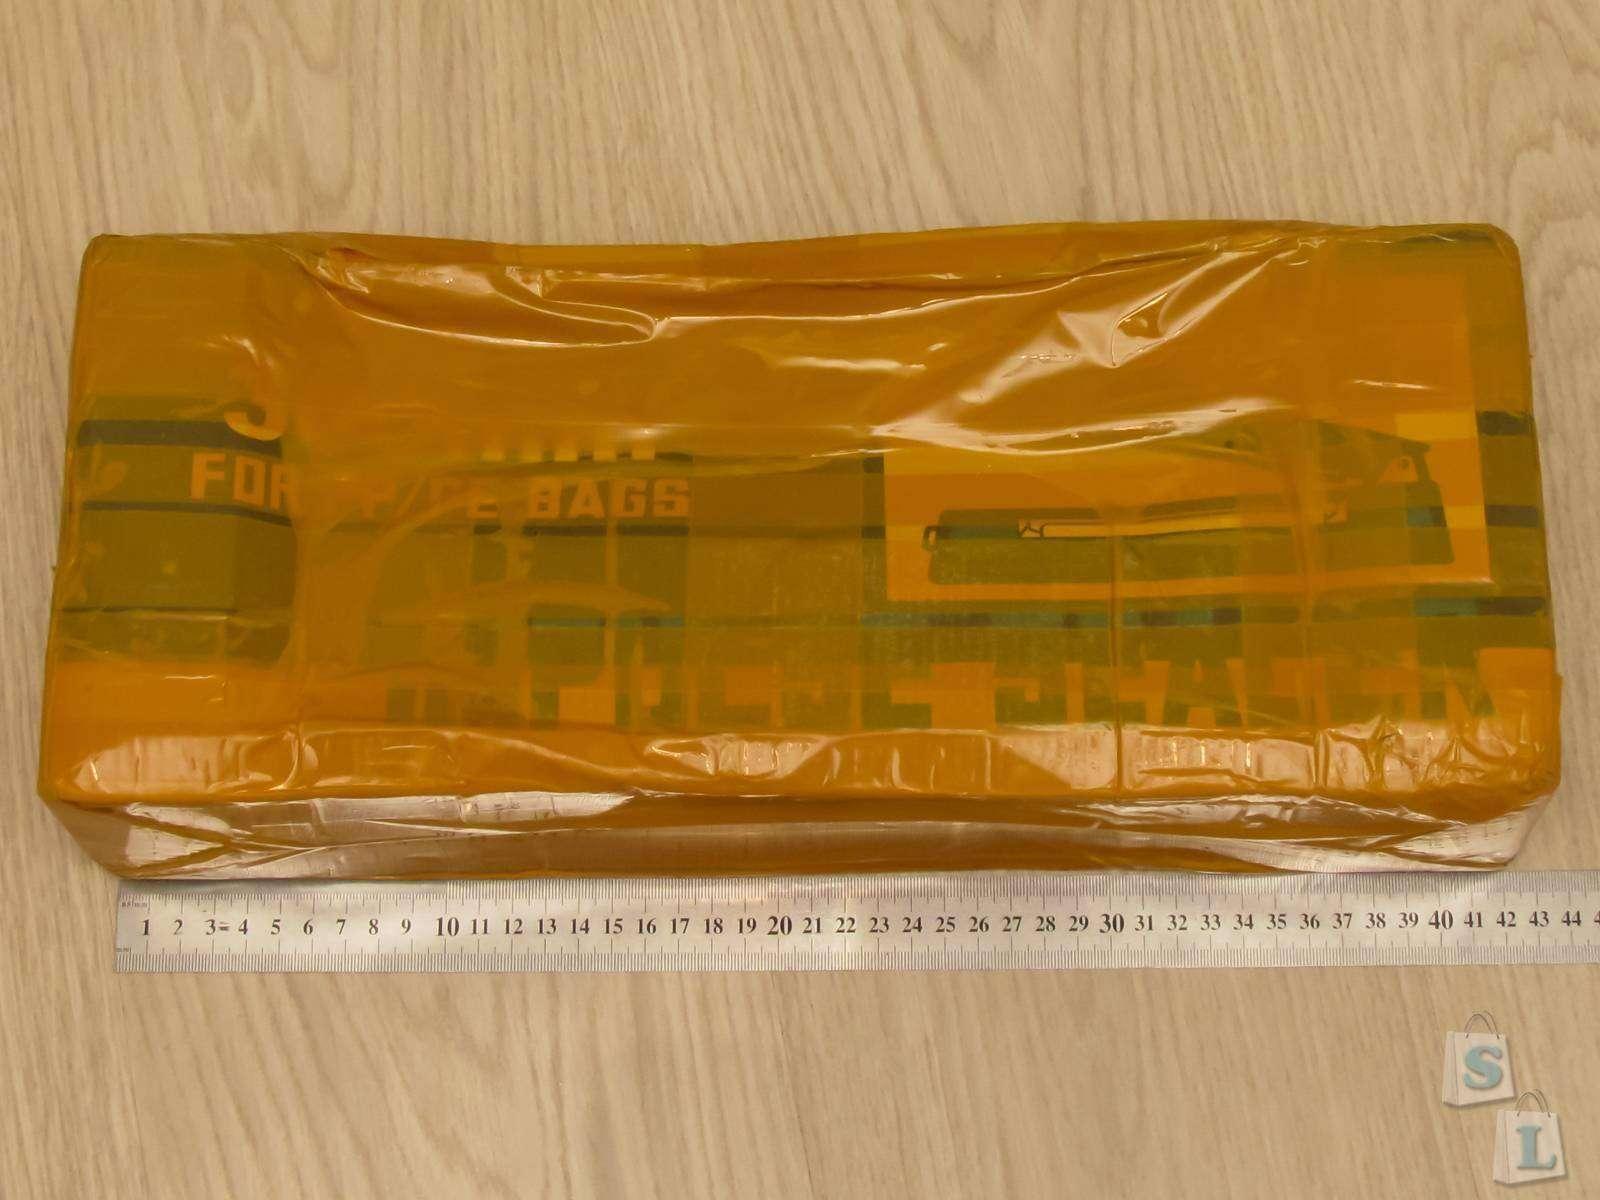 Aliexpress: Импульсный запаиватель пластика - 300 мм, 300 Вт, 220 В